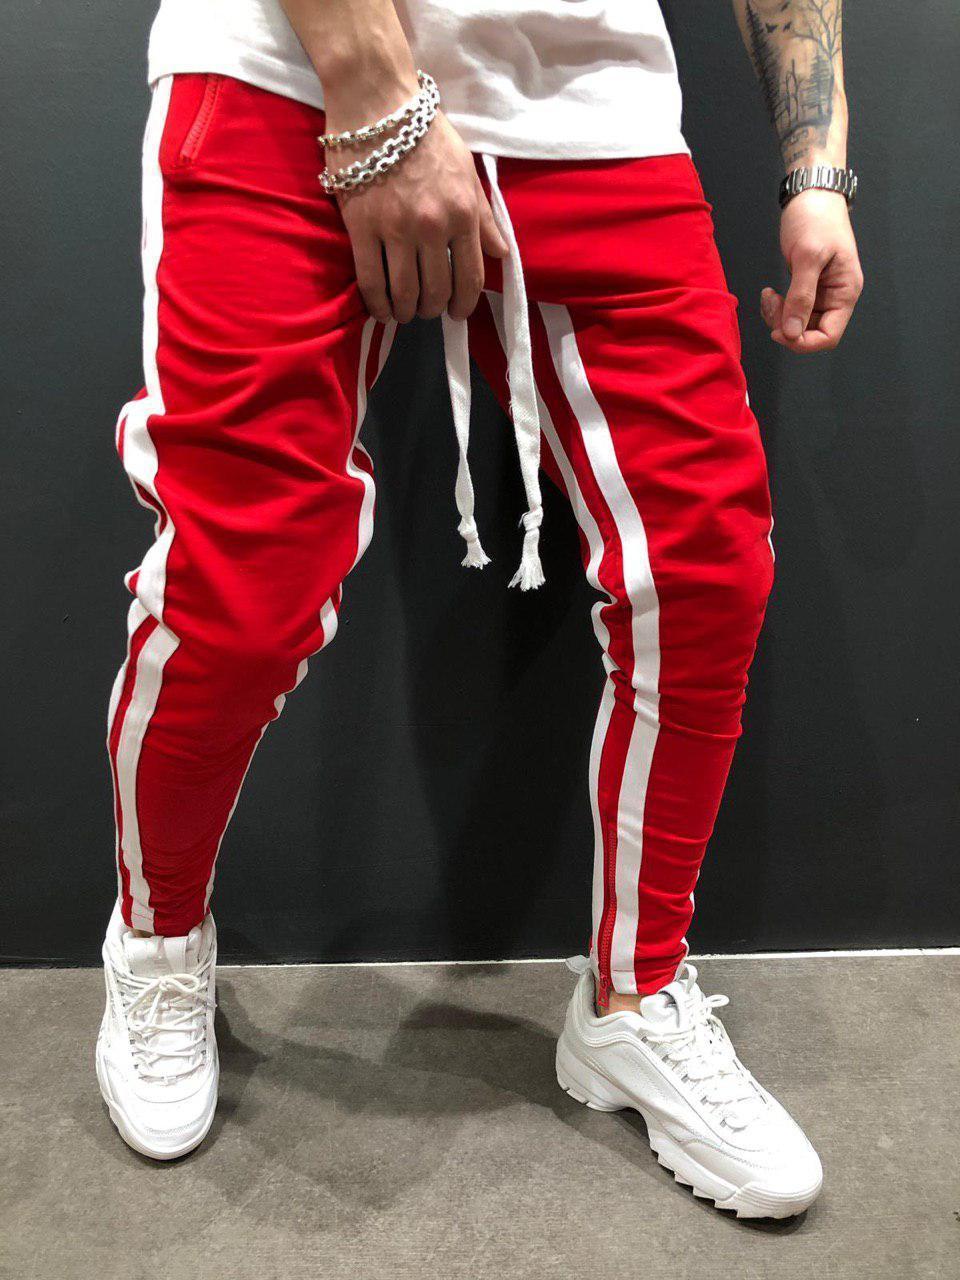 Мужские брюки для отдыха, бодибилдинга, с разрезом, на молнии, для ног, для движения, брюки для бега, спортивные штаны - Цвет: Red white